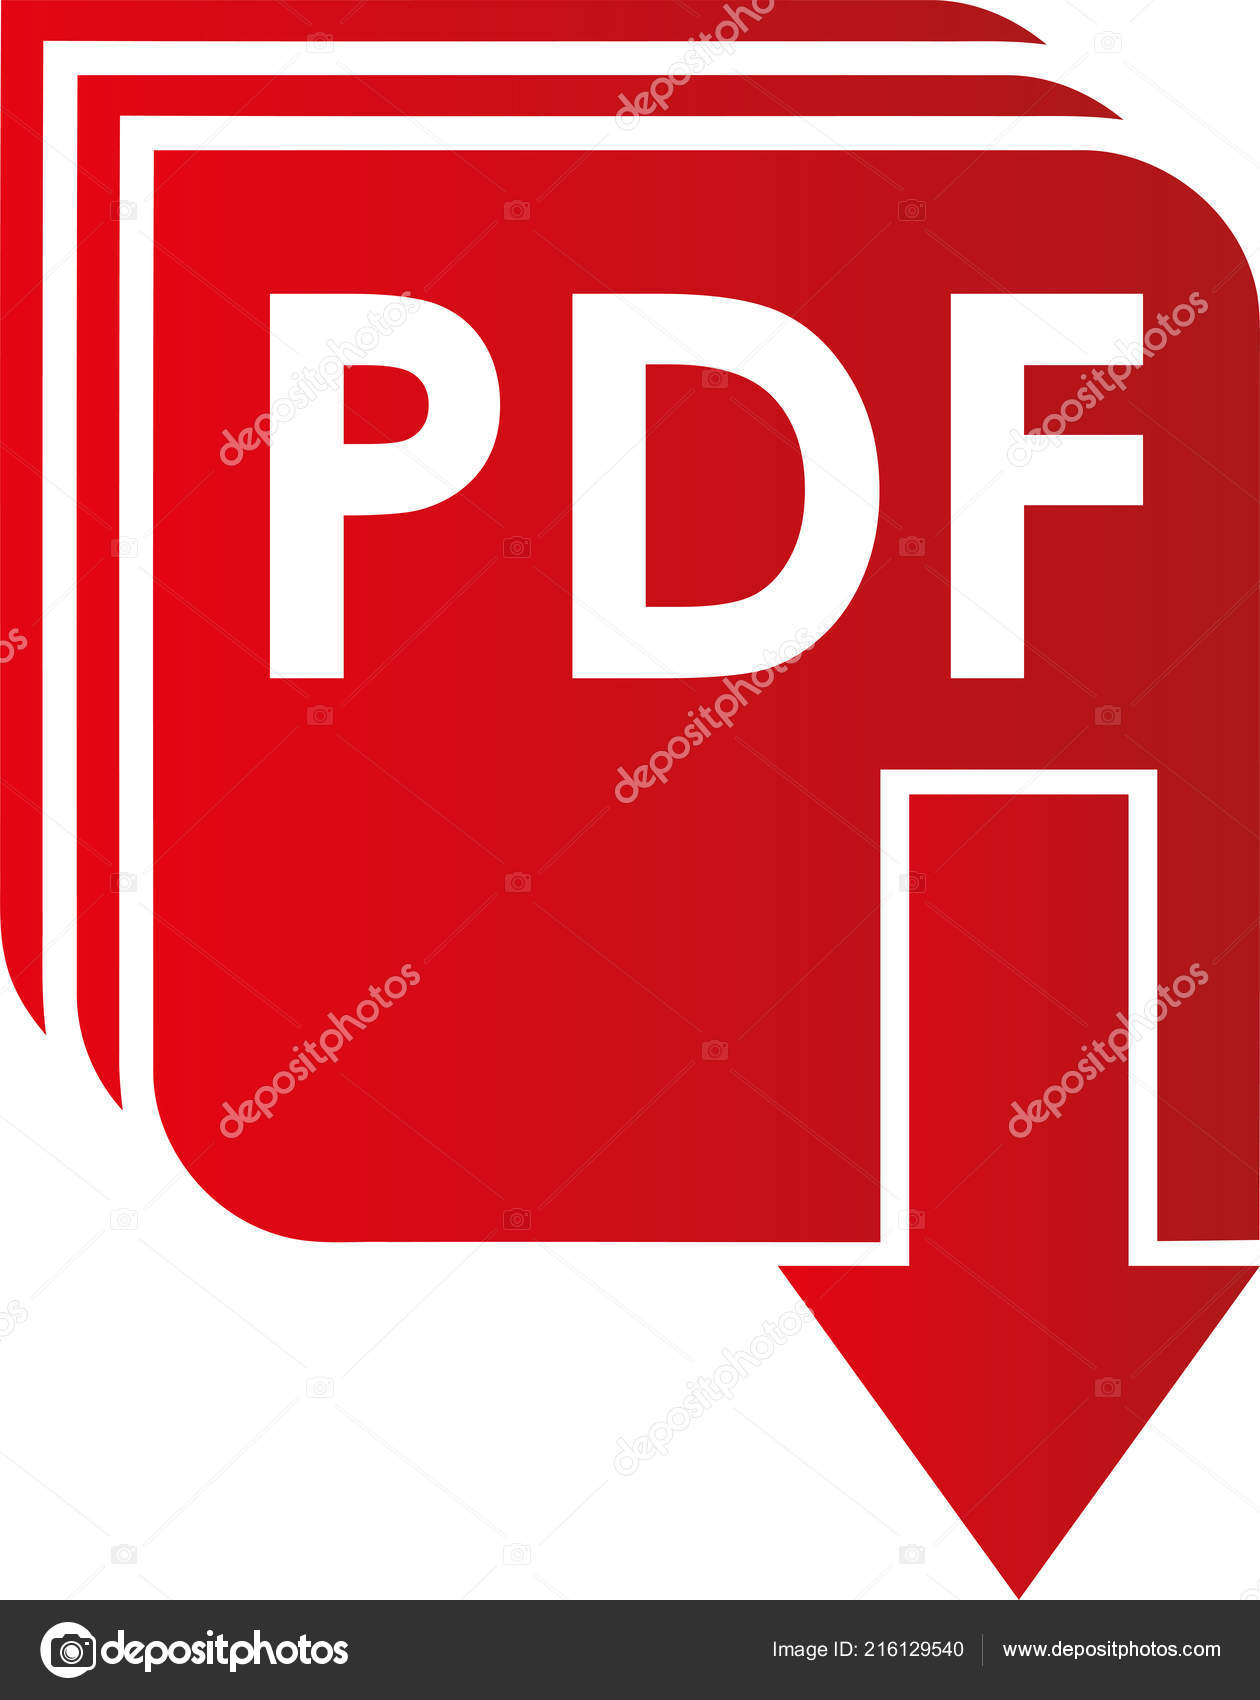 pdf logo এর ছবির ফলাফল